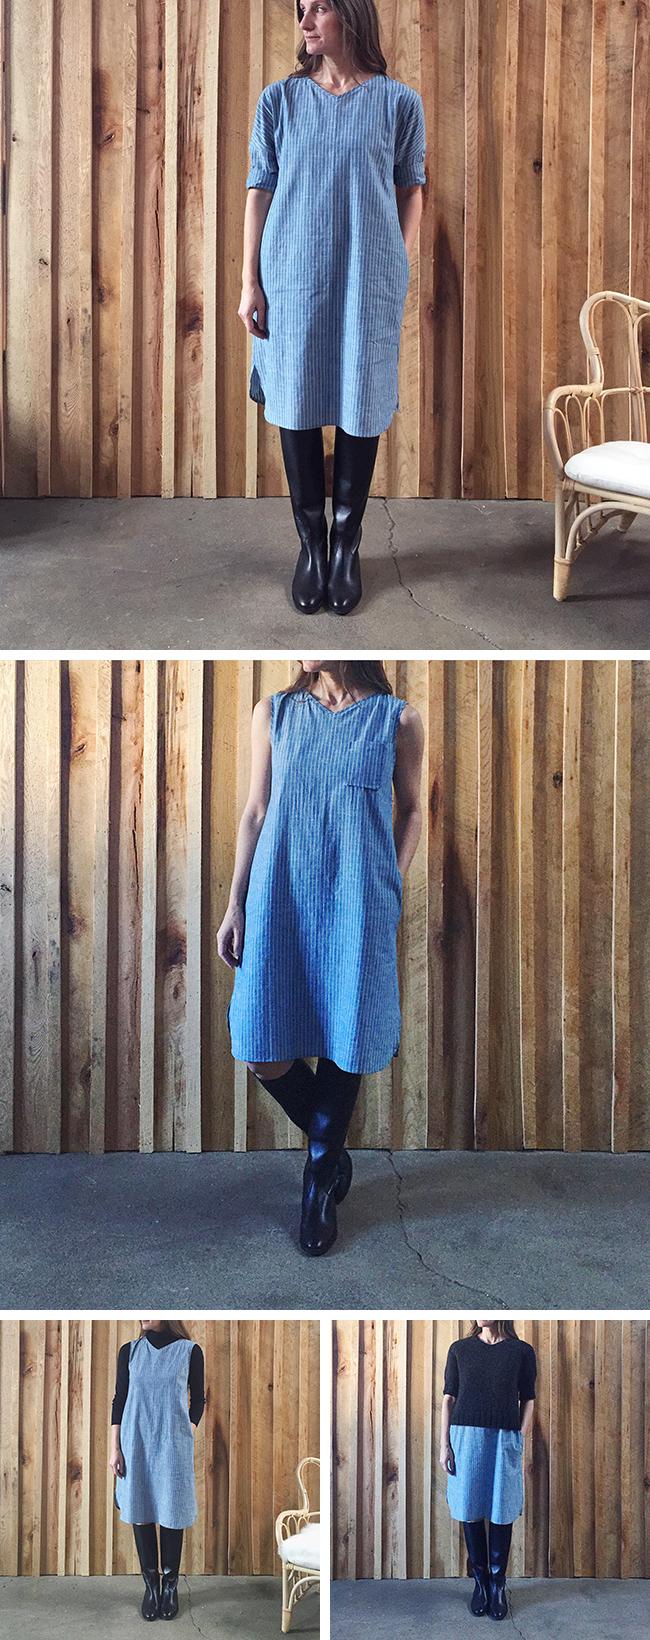 KTFO-2016.4 : Blue sleeveless dress details